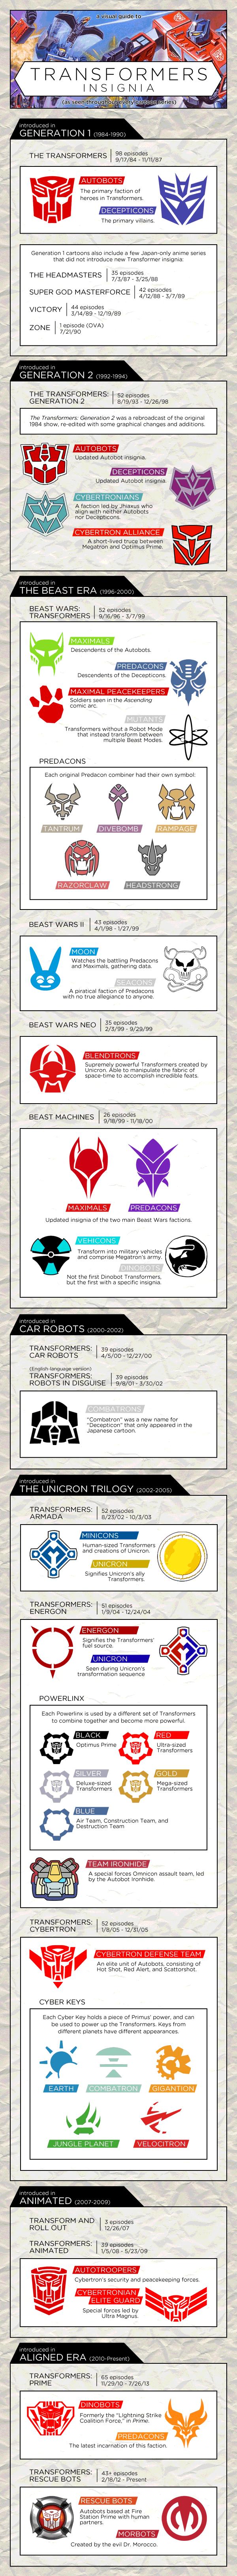 Infographic Transformers: de verandering van de merktekens